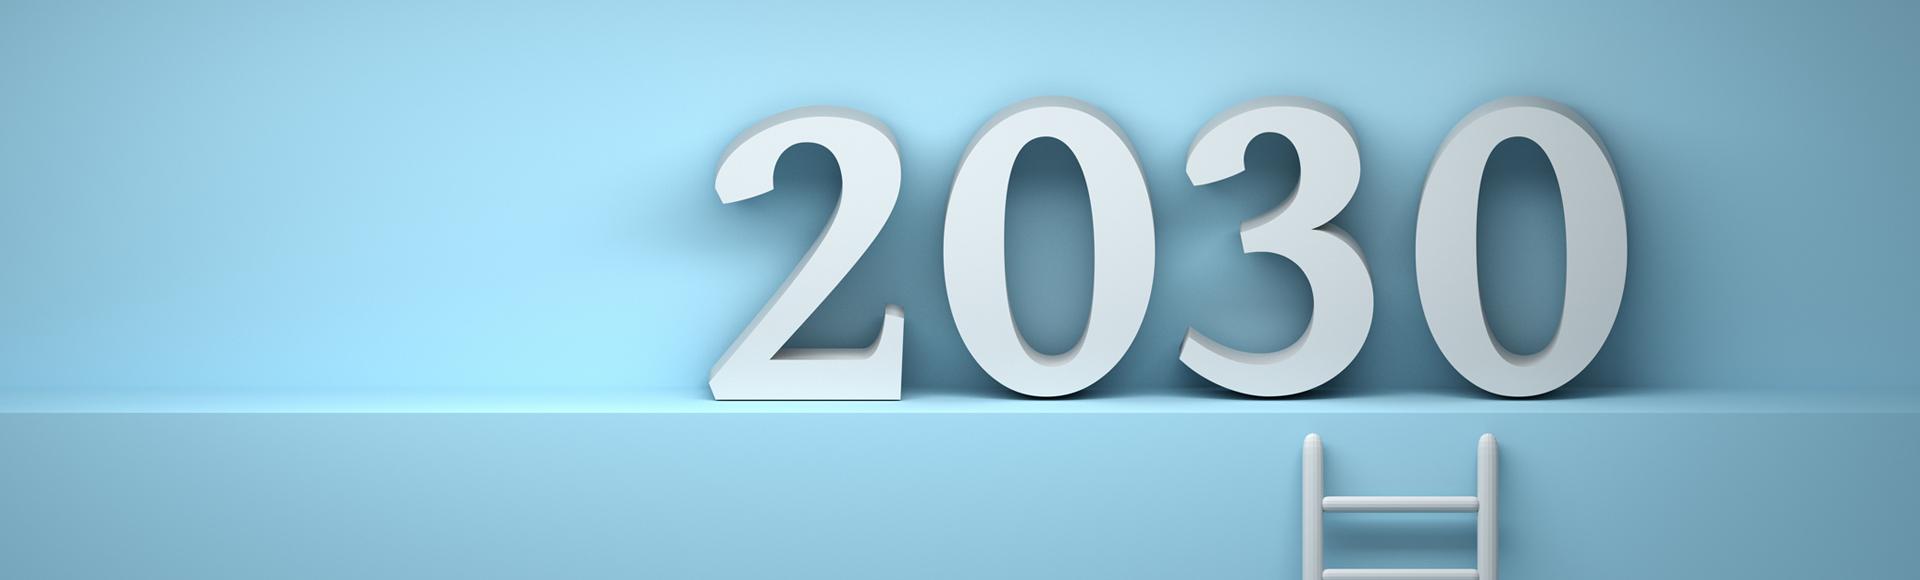 2020年代,如何过好下一个10年?